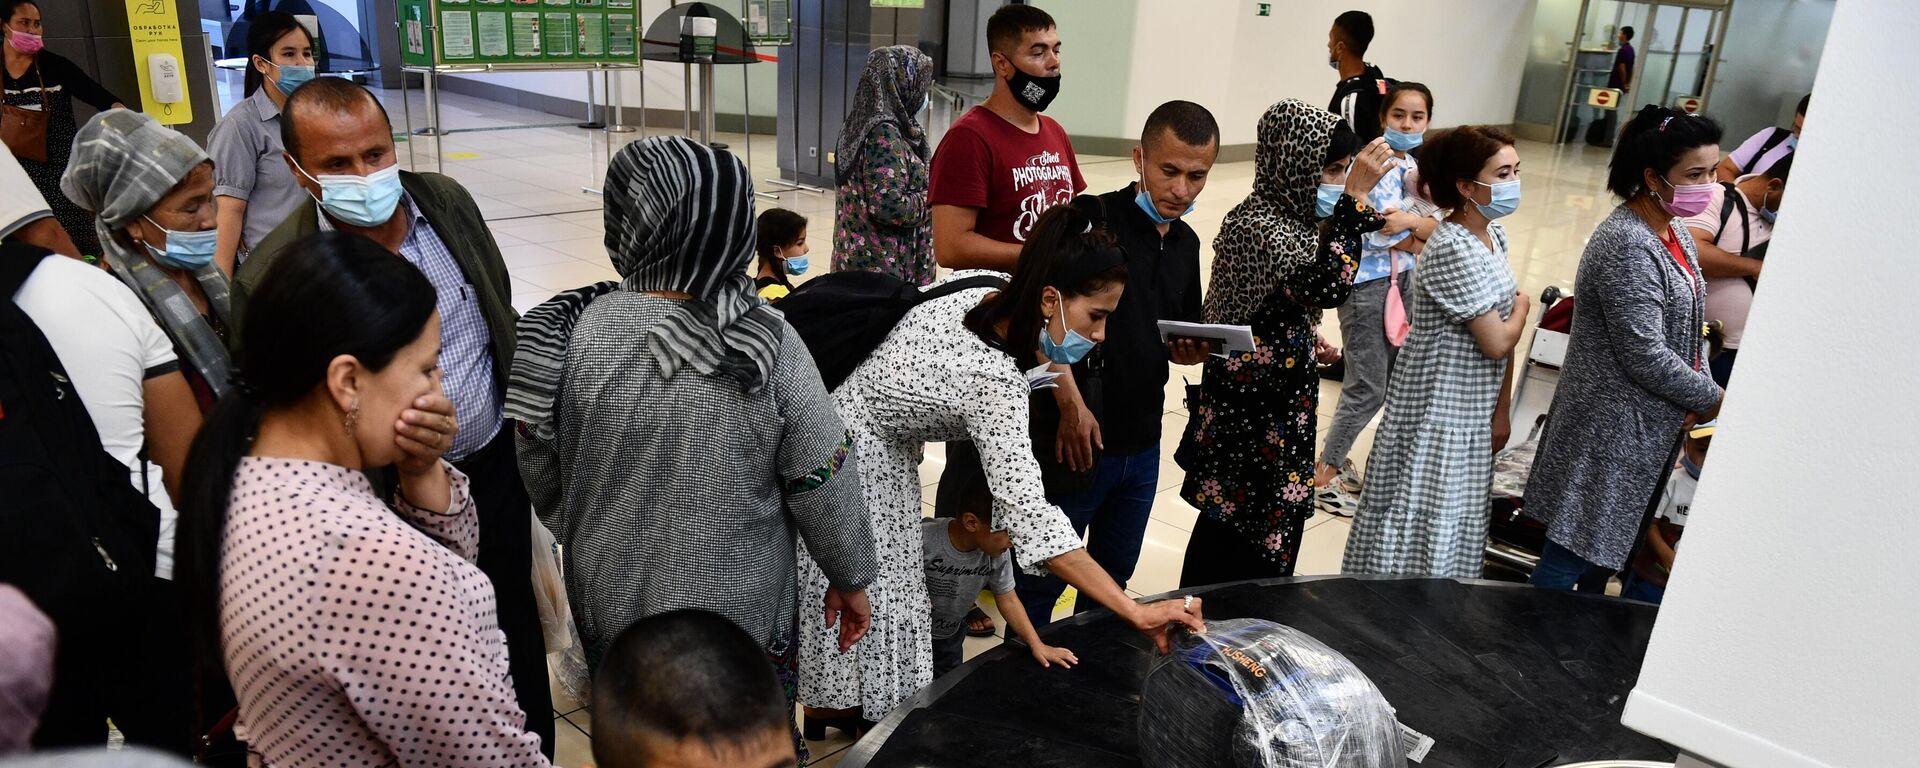 Пассажиры забирают багаж с транспортировочной ленты в аэропорту  - Sputnik Тоҷикистон, 1920, 28.09.2021